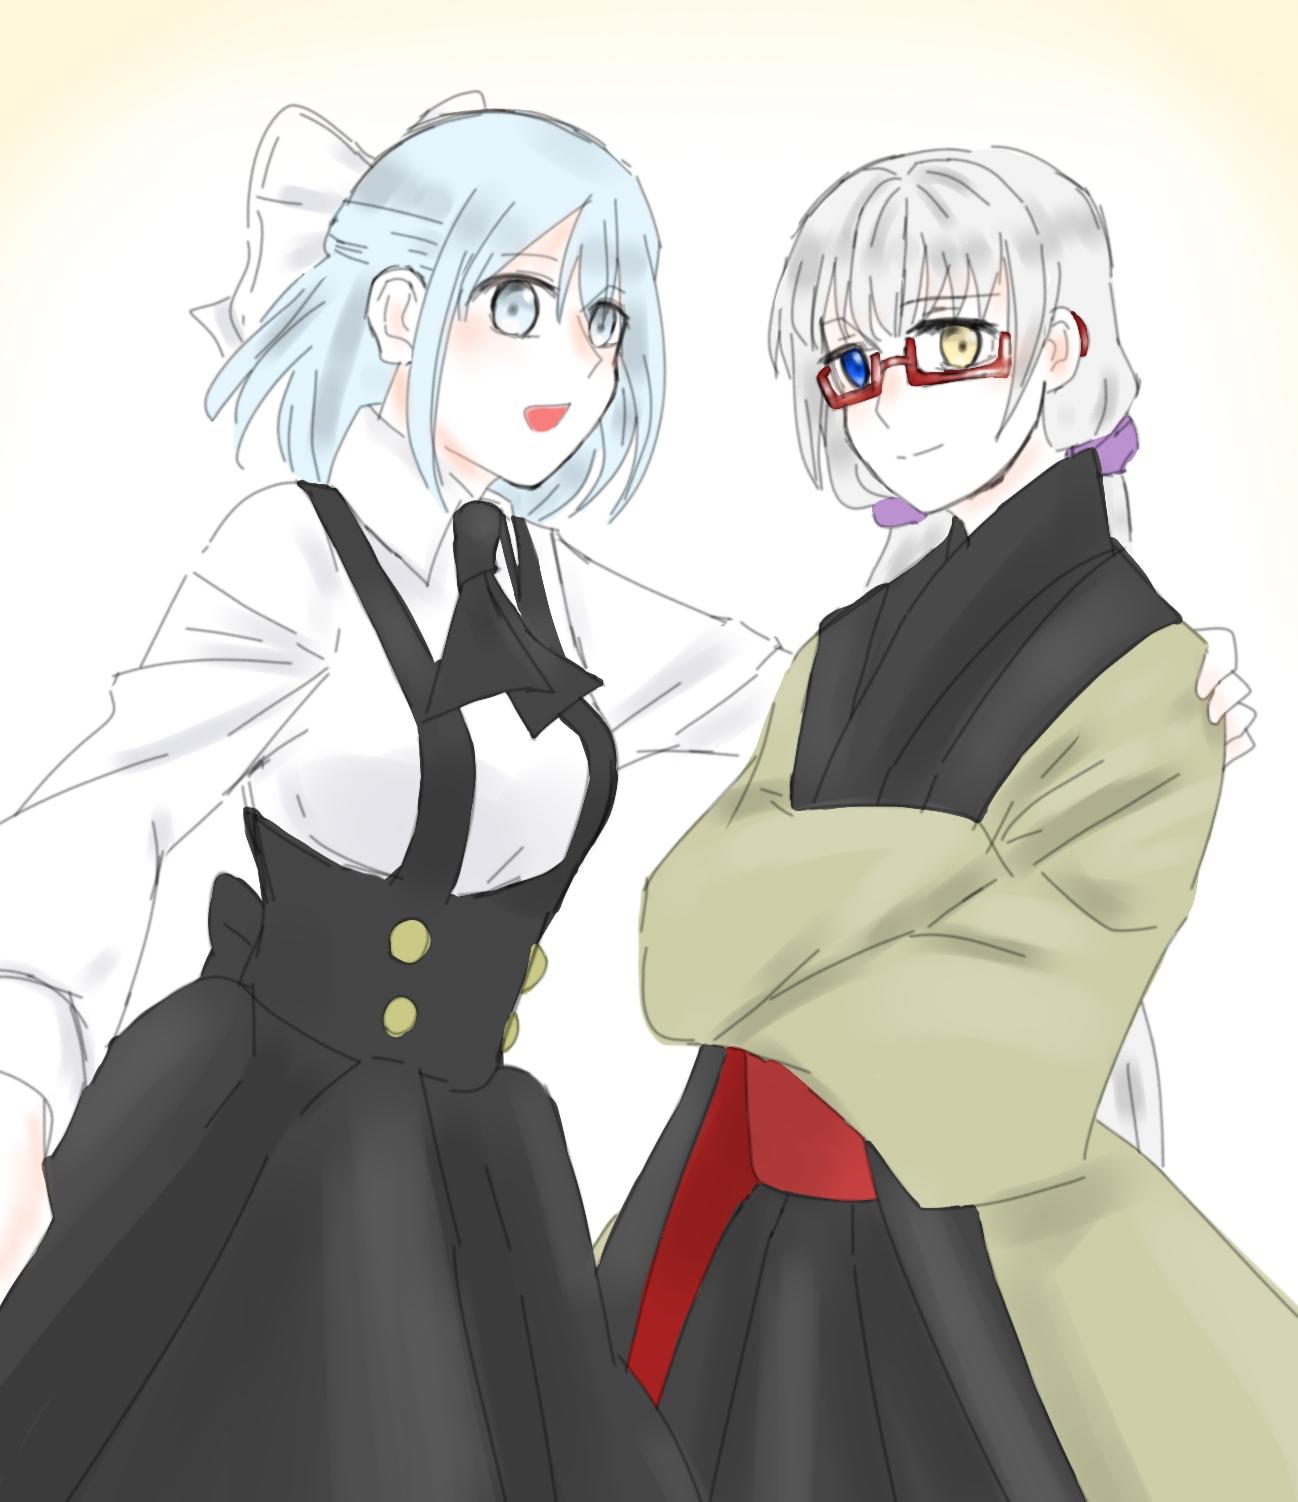 ミカコとミライちゃんー!かわいい!